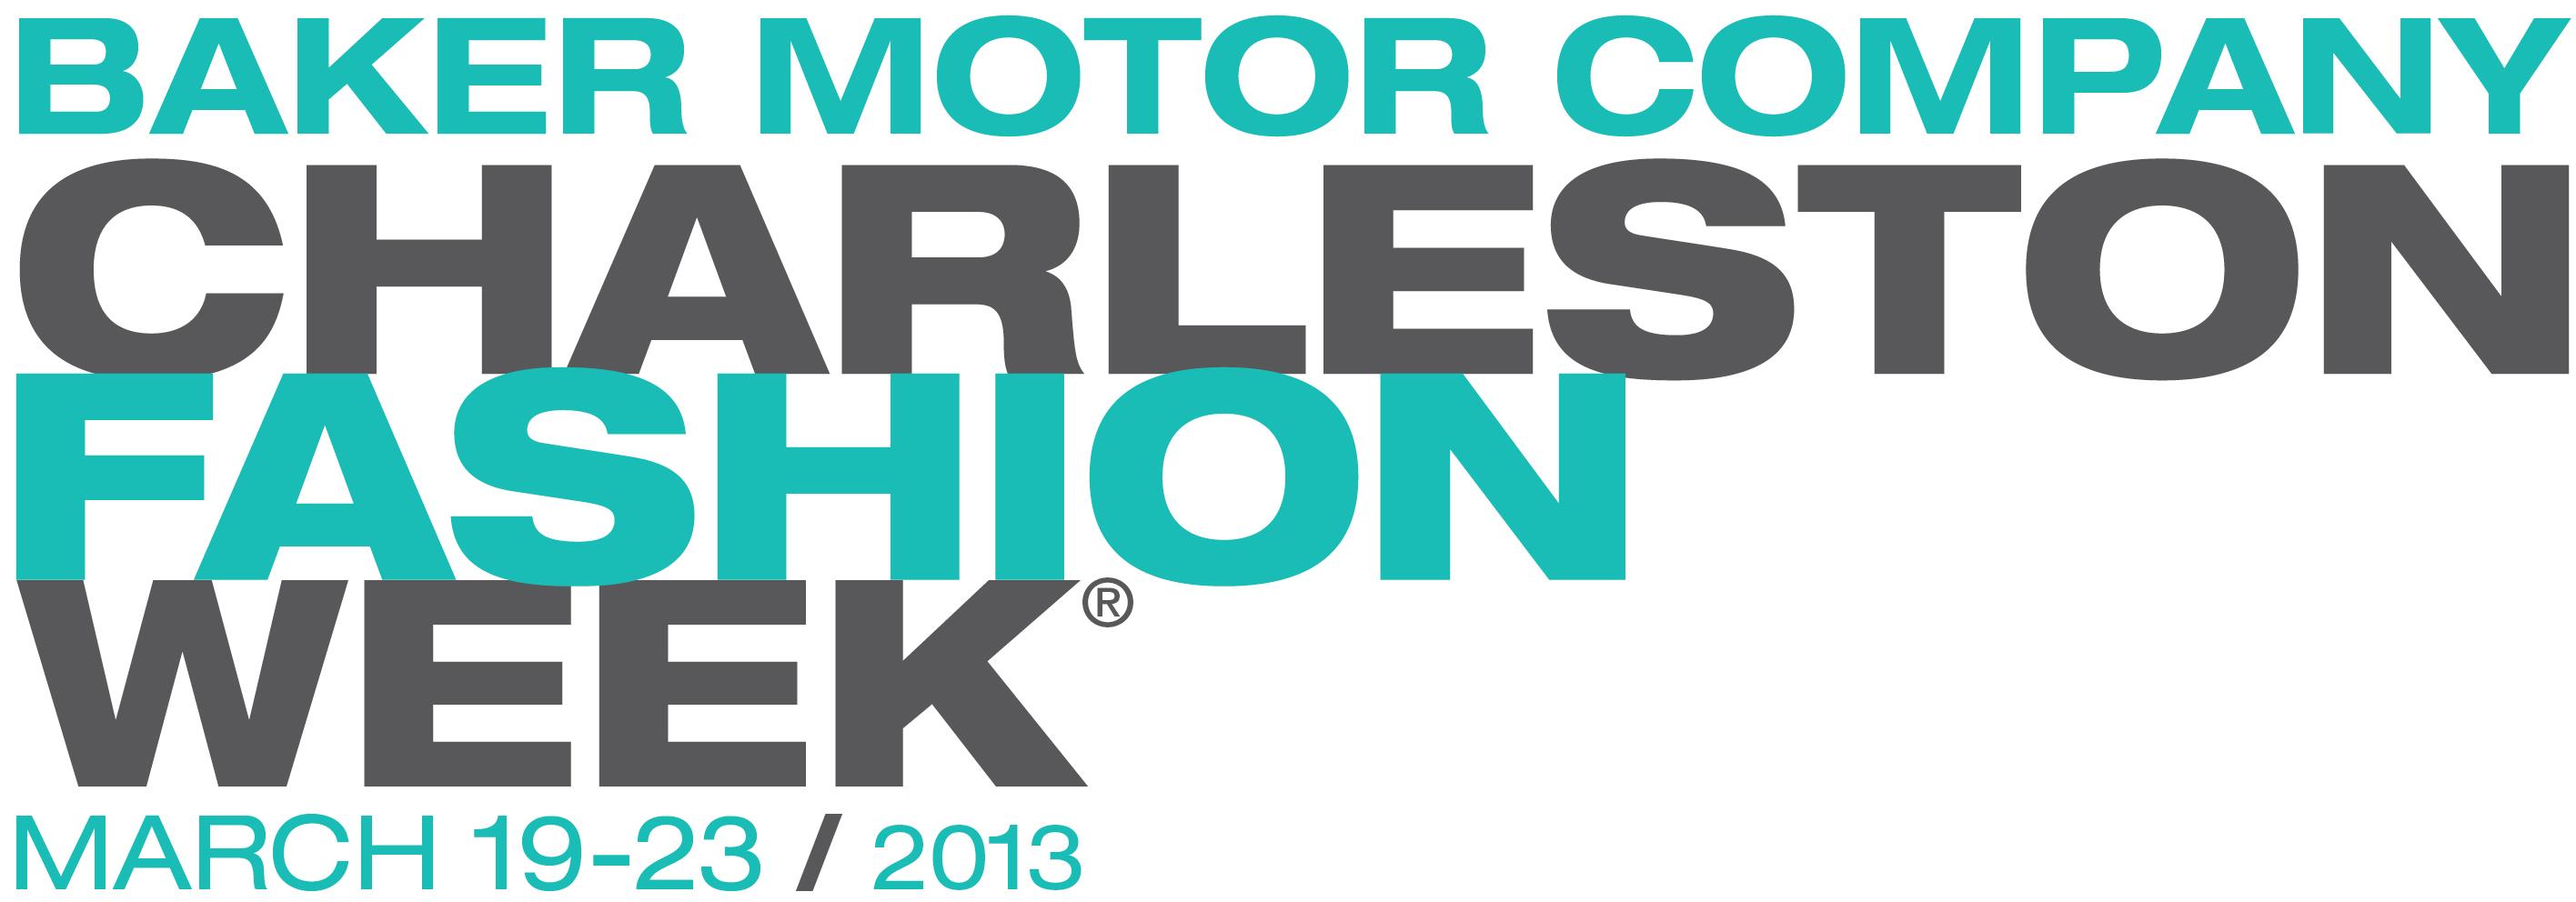 Baker Motor pany Fashion Week Schedule Details Nightly Runway